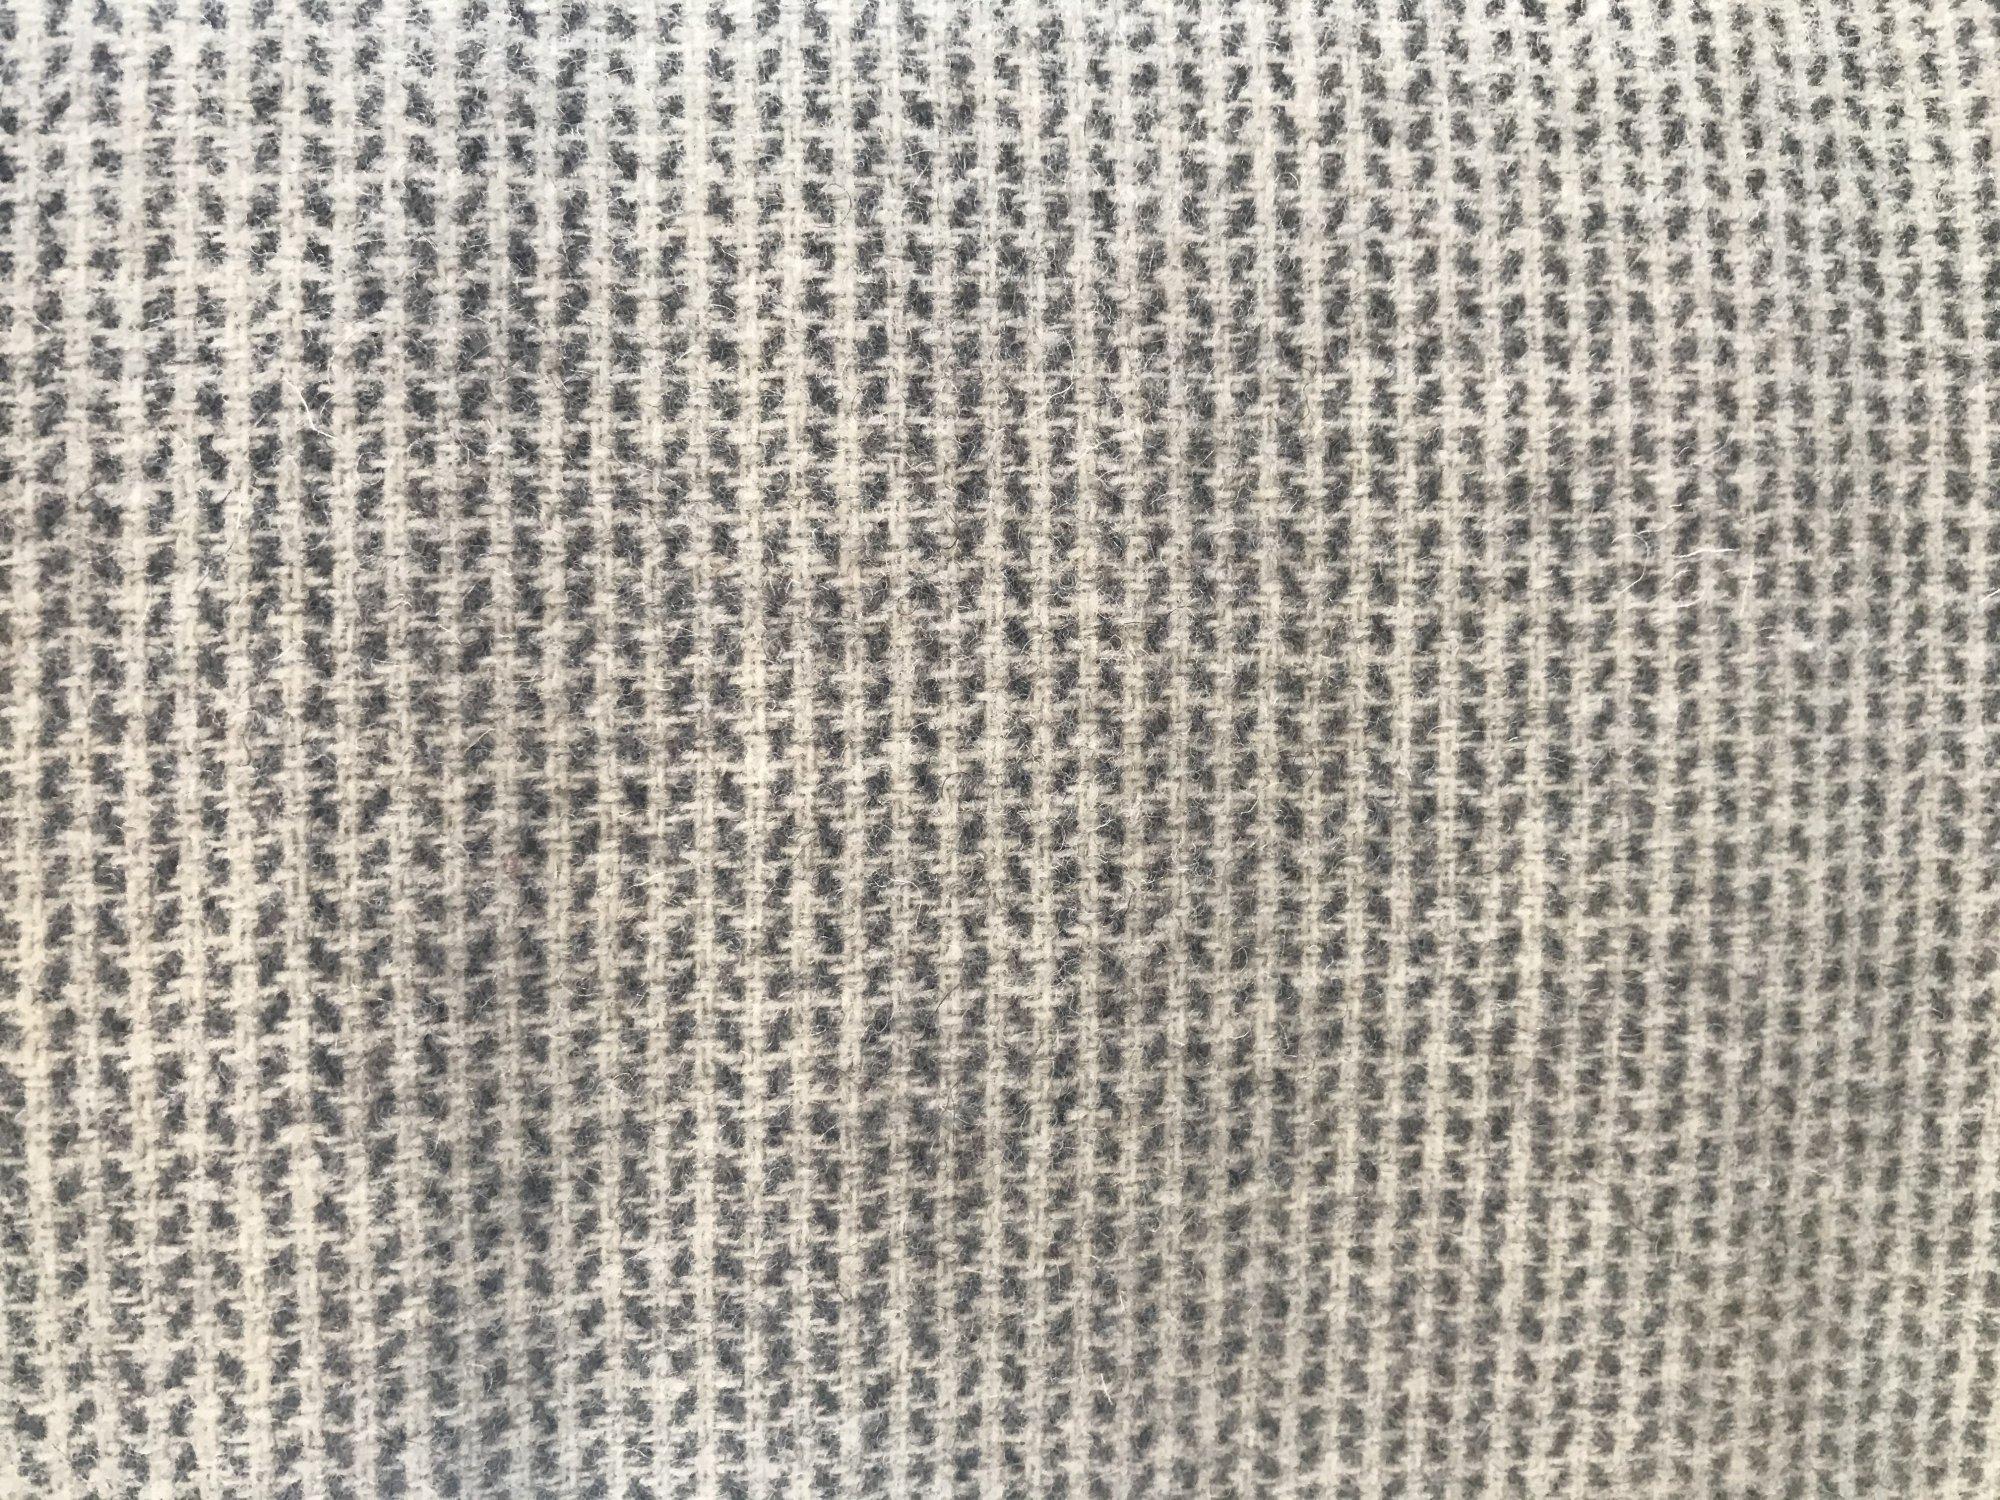 Seeds 9 X 14 100% Wool